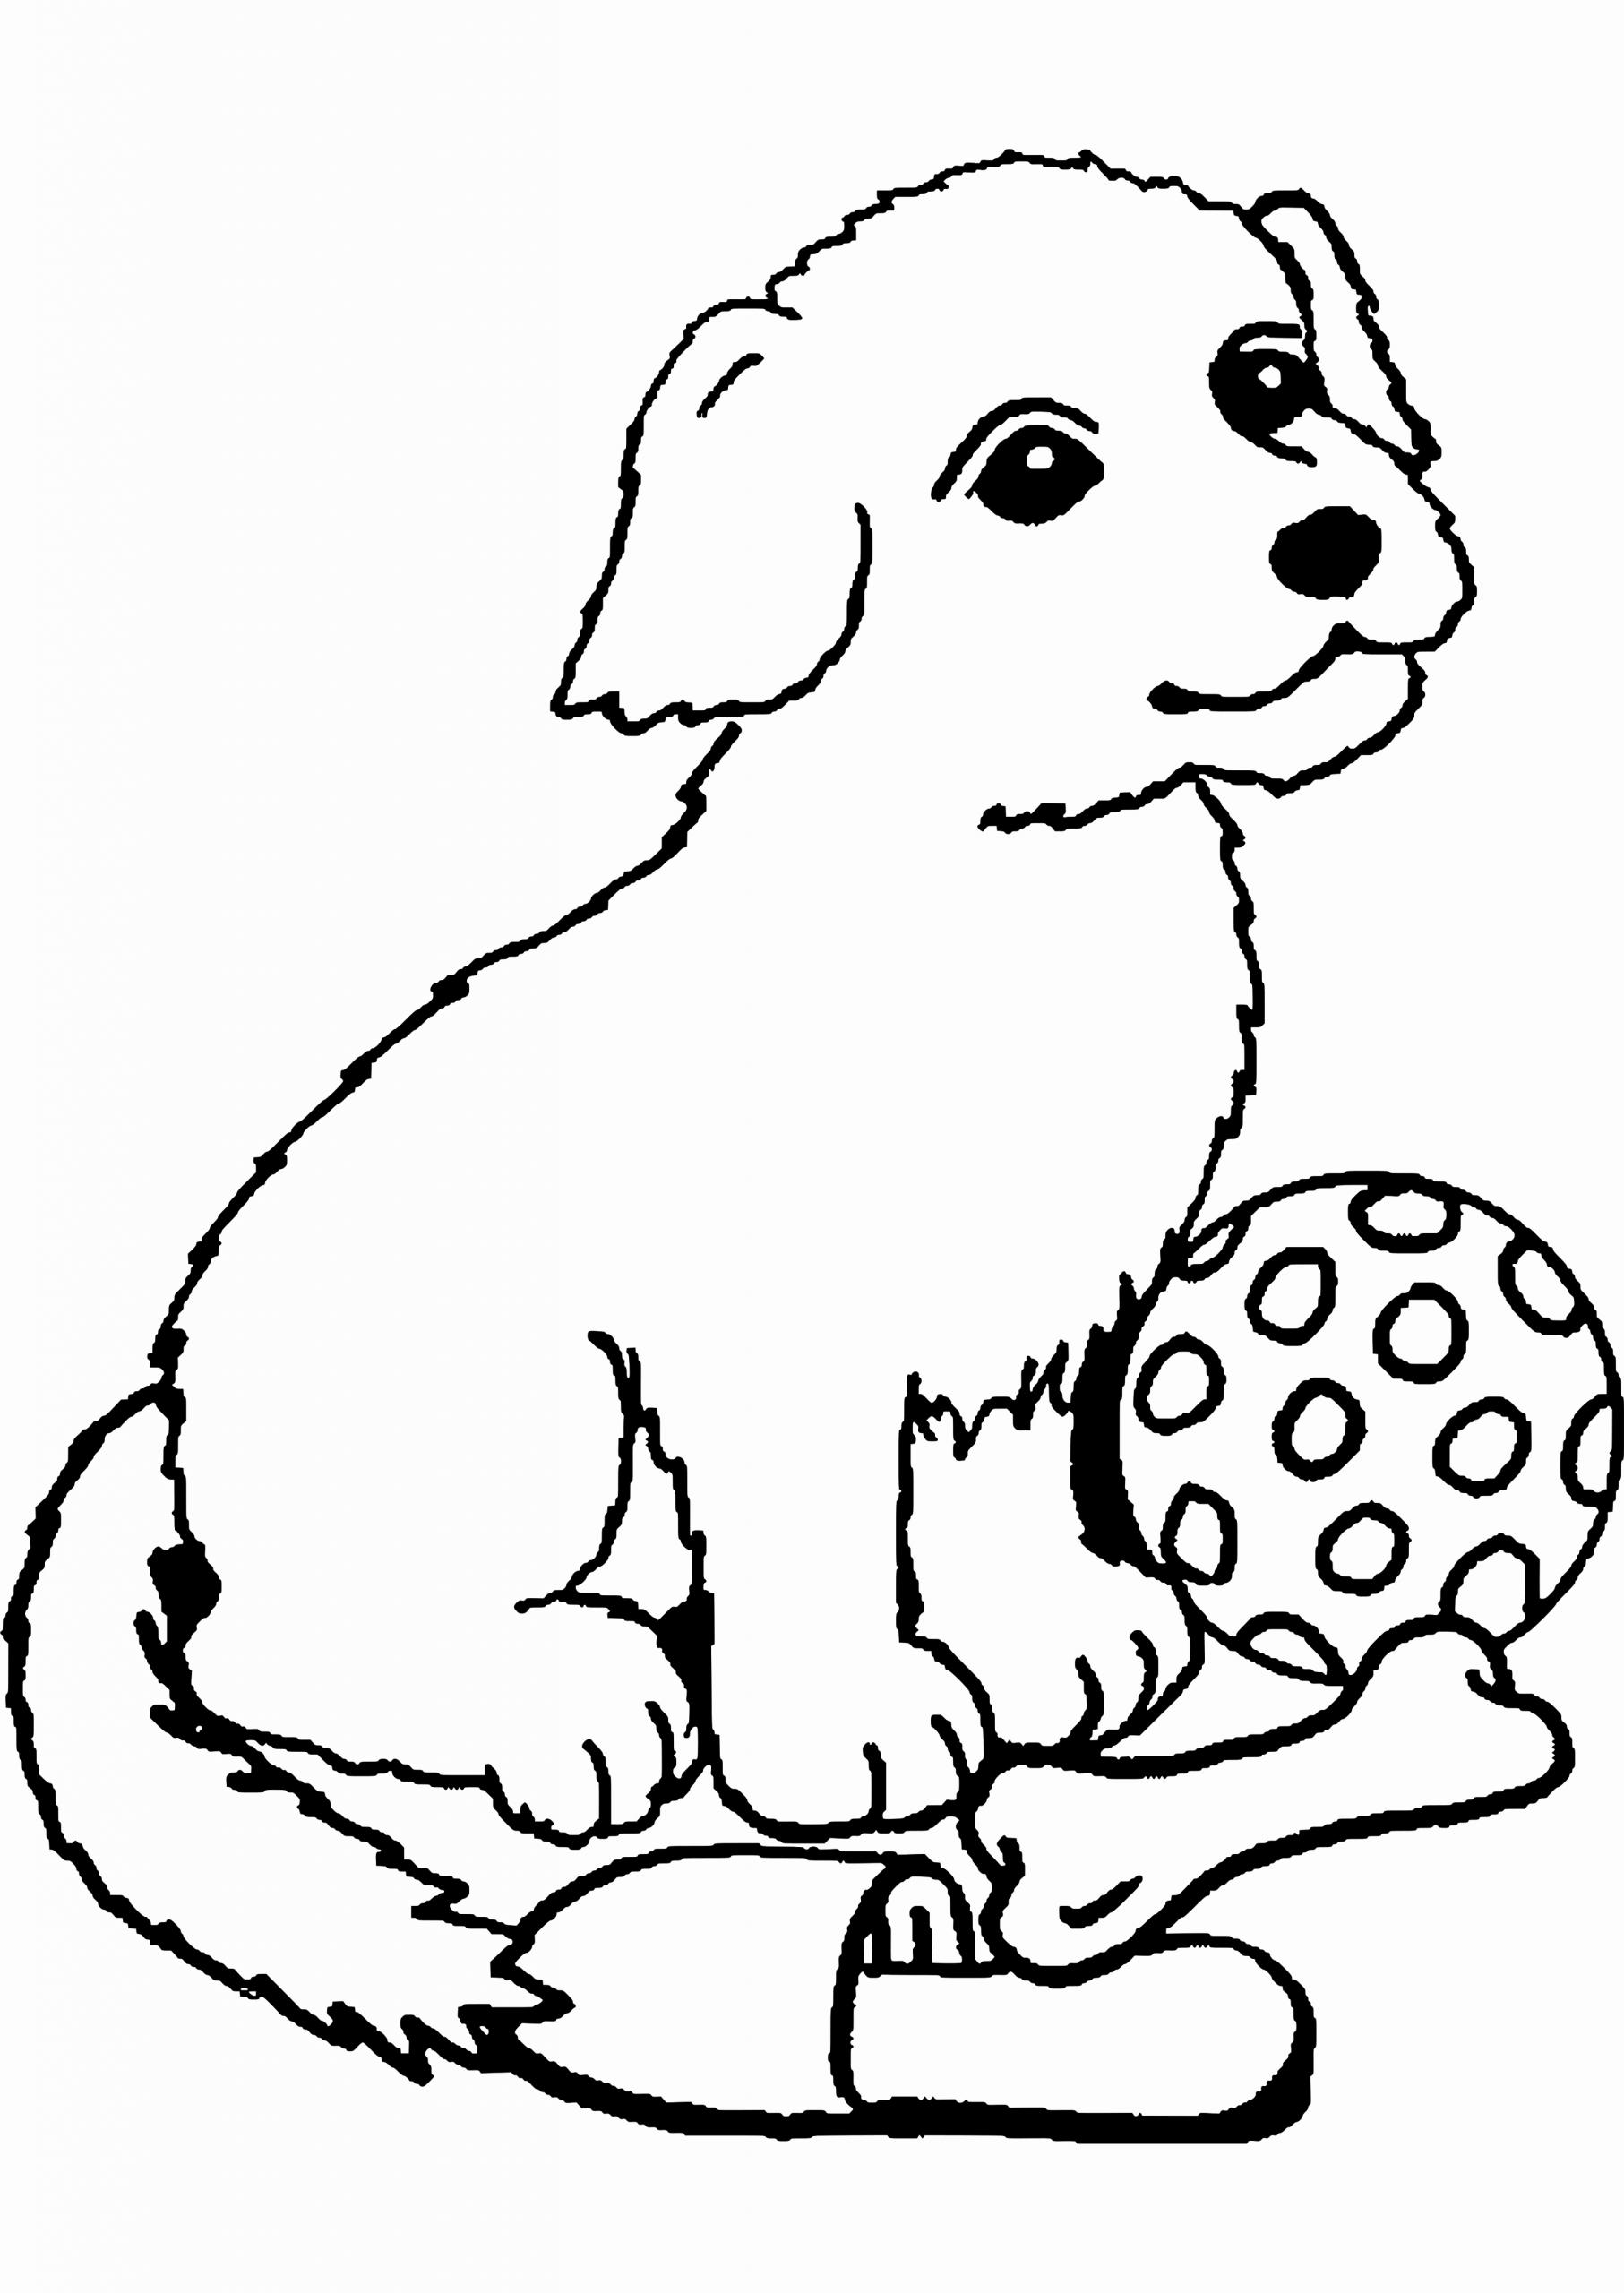 Ausmalbilder Hunde Zum Ausdrucken Einzigartig Mandala bestimmt für Malvorlagen Hunde